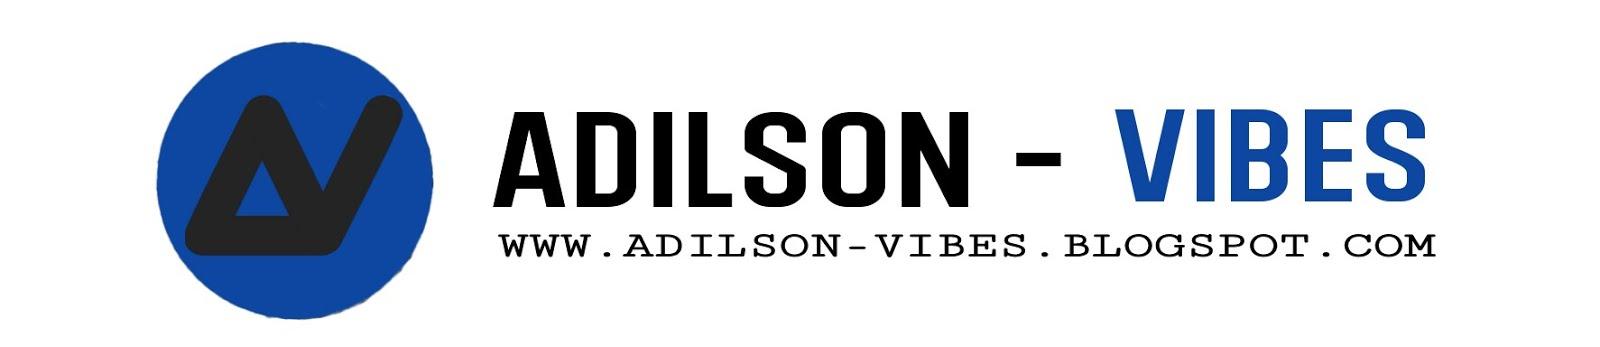 Adilson Vibes | Músicas | Vídeos | Álbuns | Mixtapes